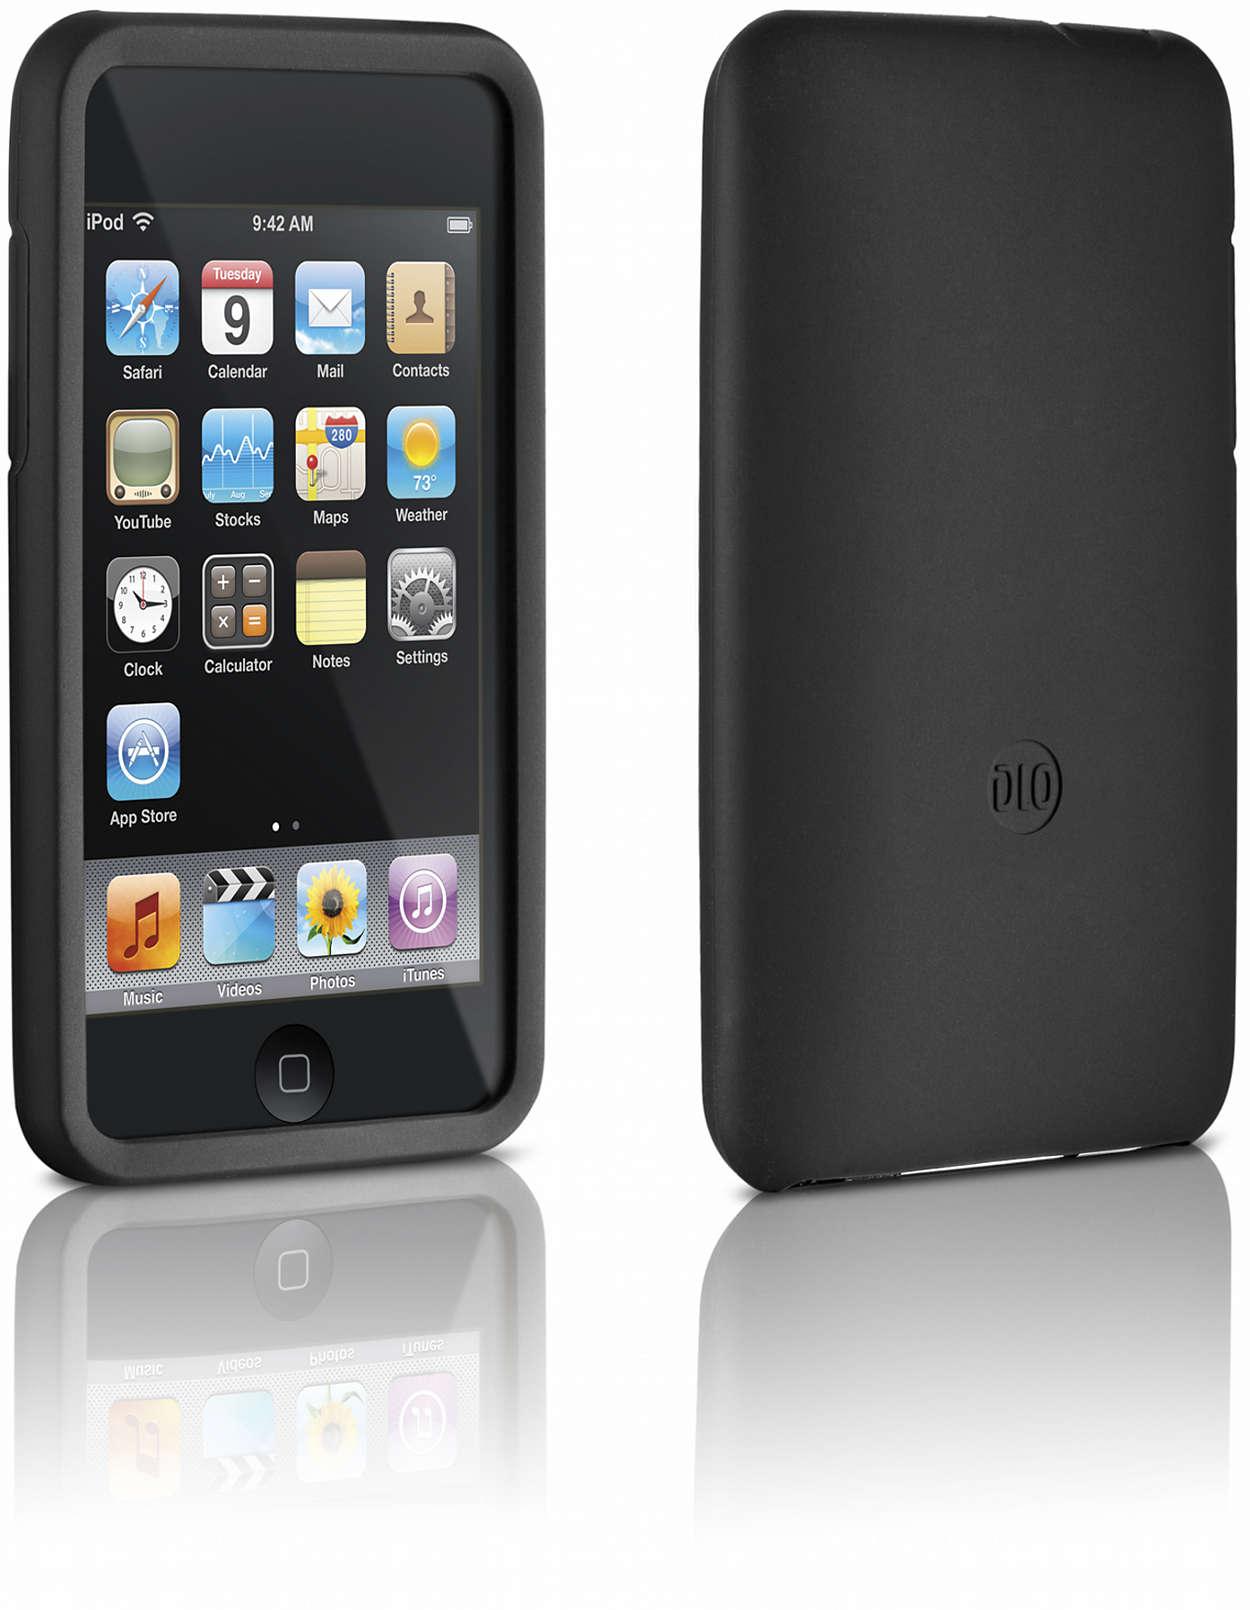 Proteggi il tuo iPod in una custodia in silicone